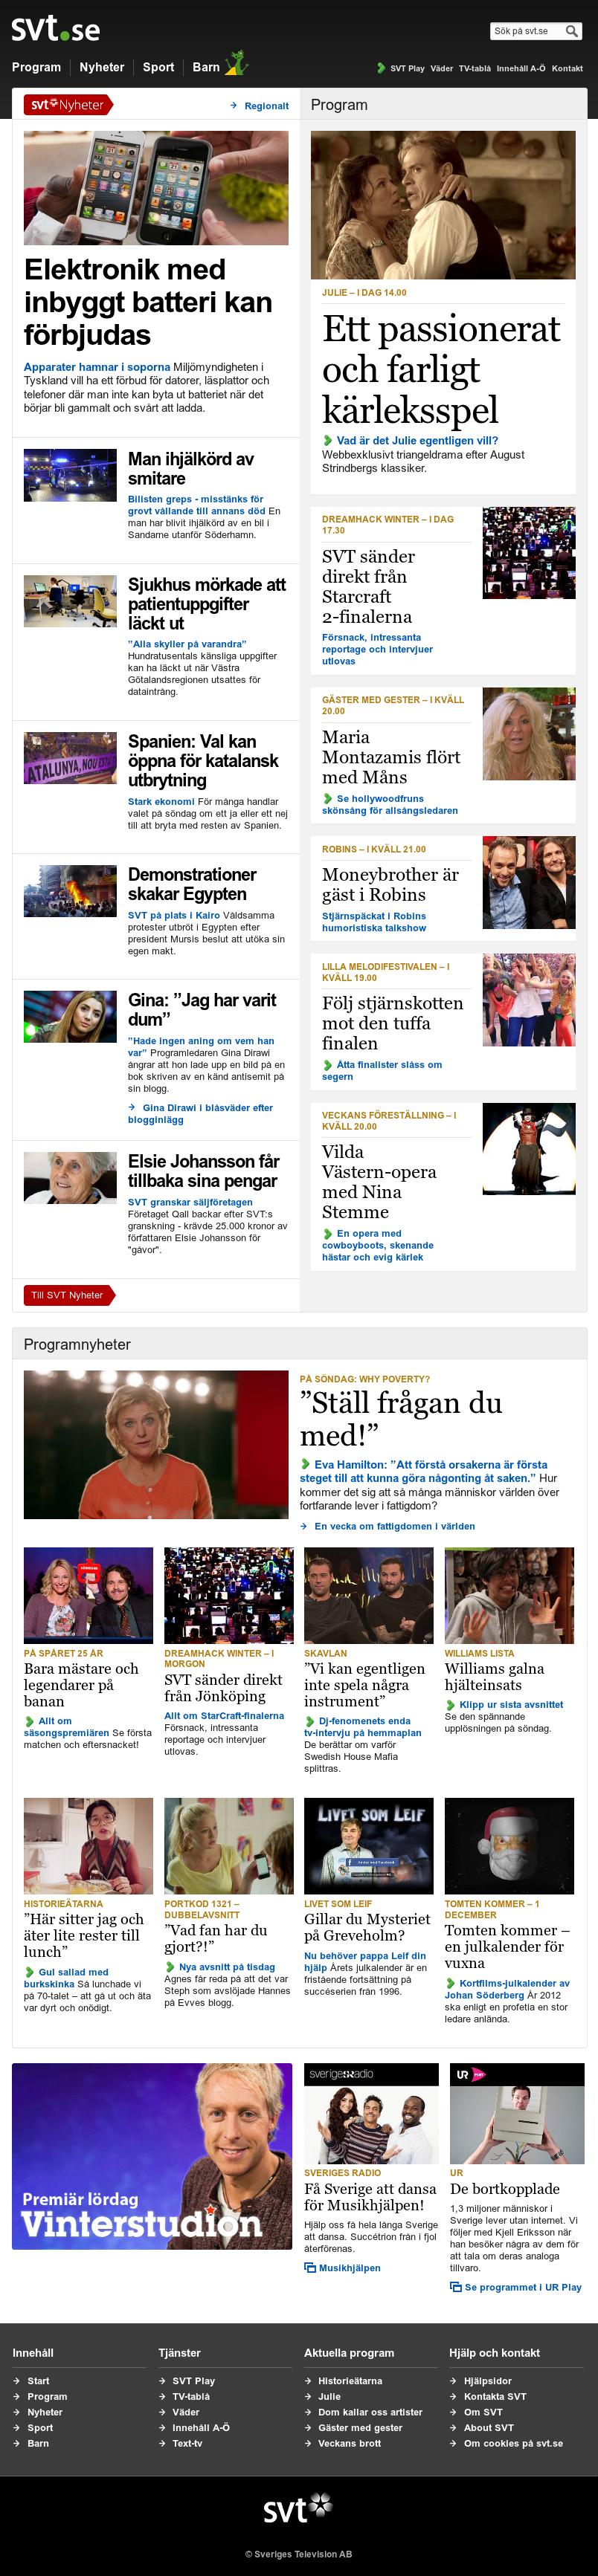 SVT at Saturday Nov. 24, 2012, 5:28 a.m. UTC